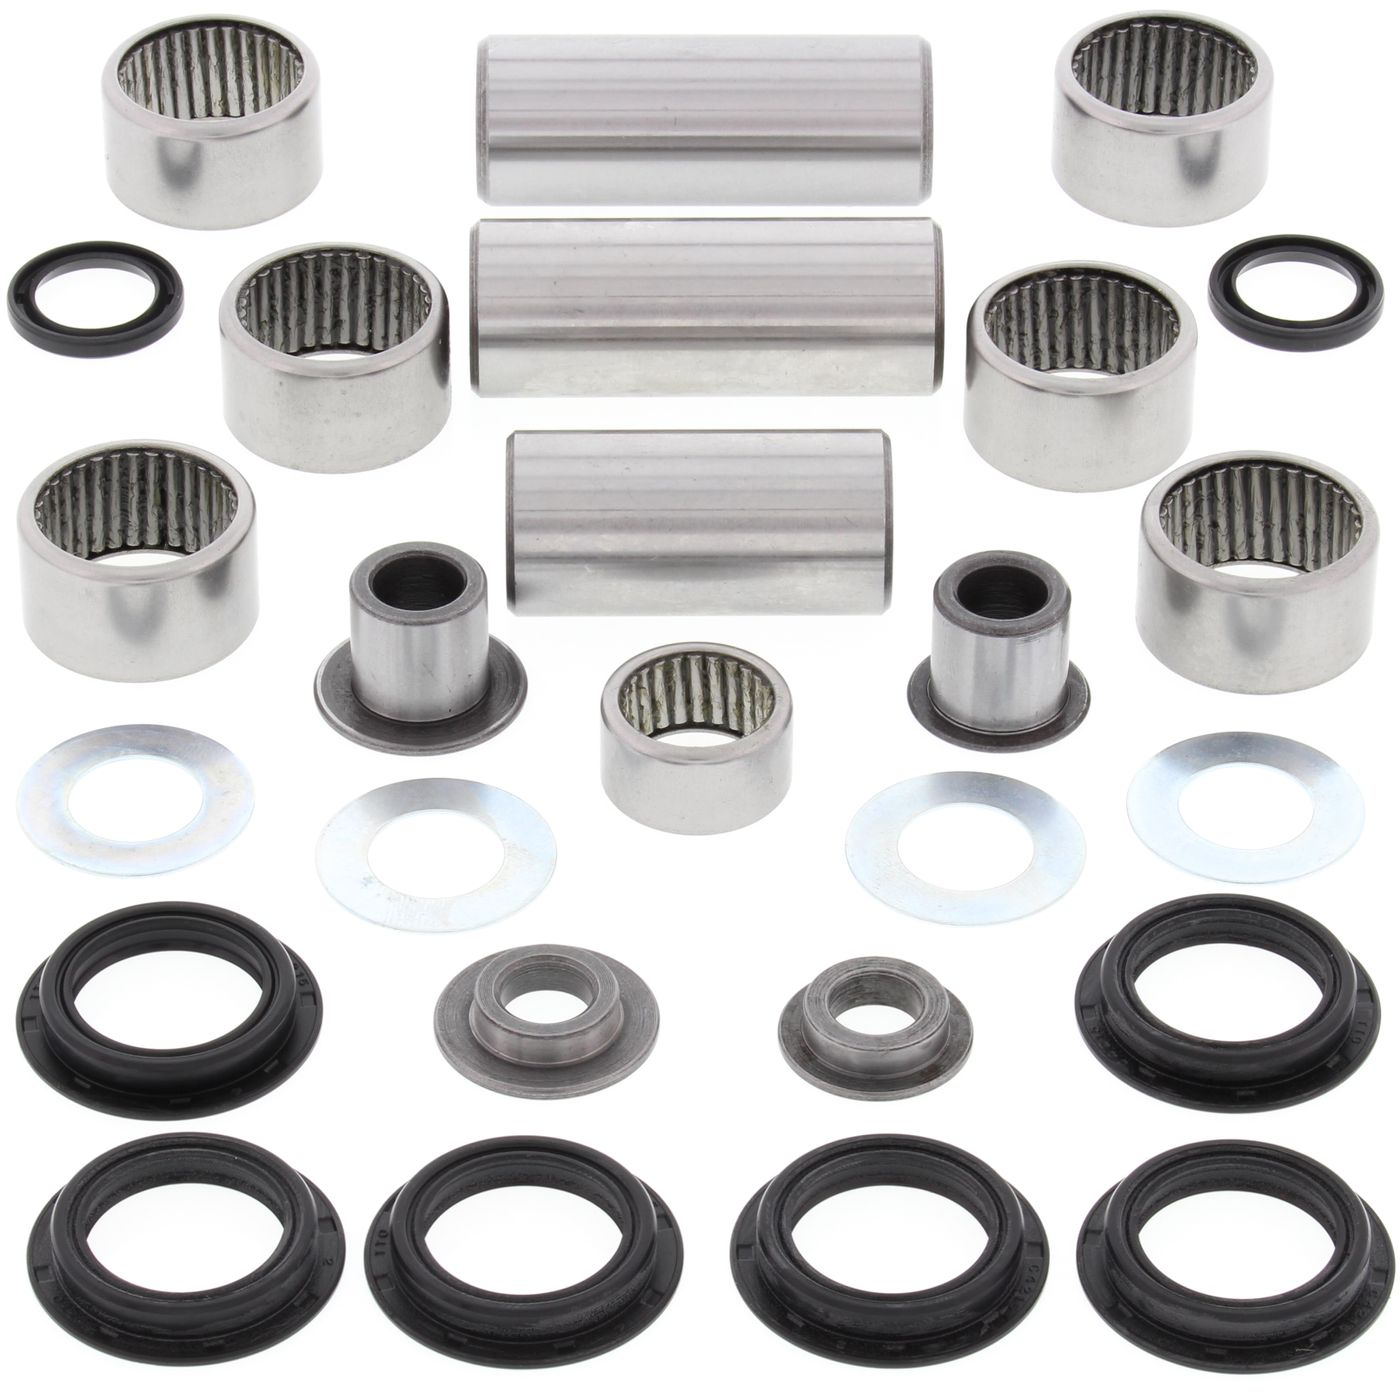 wrp shock linkage bearing kits - WRP271037 image